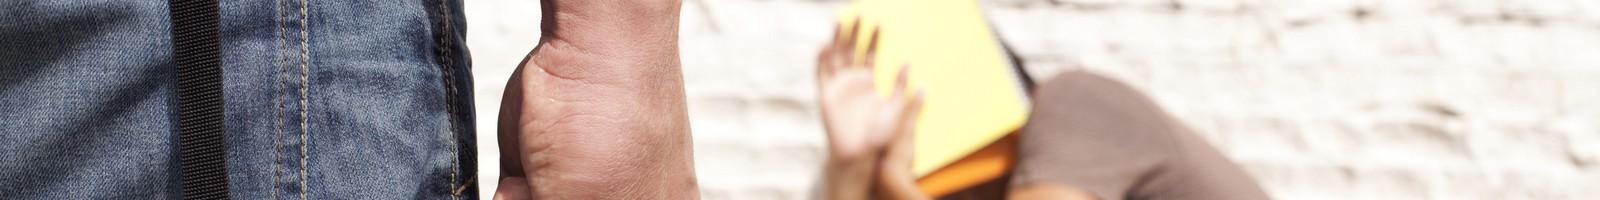 20 à 30 cas de violence scolaire graves recensés par jour